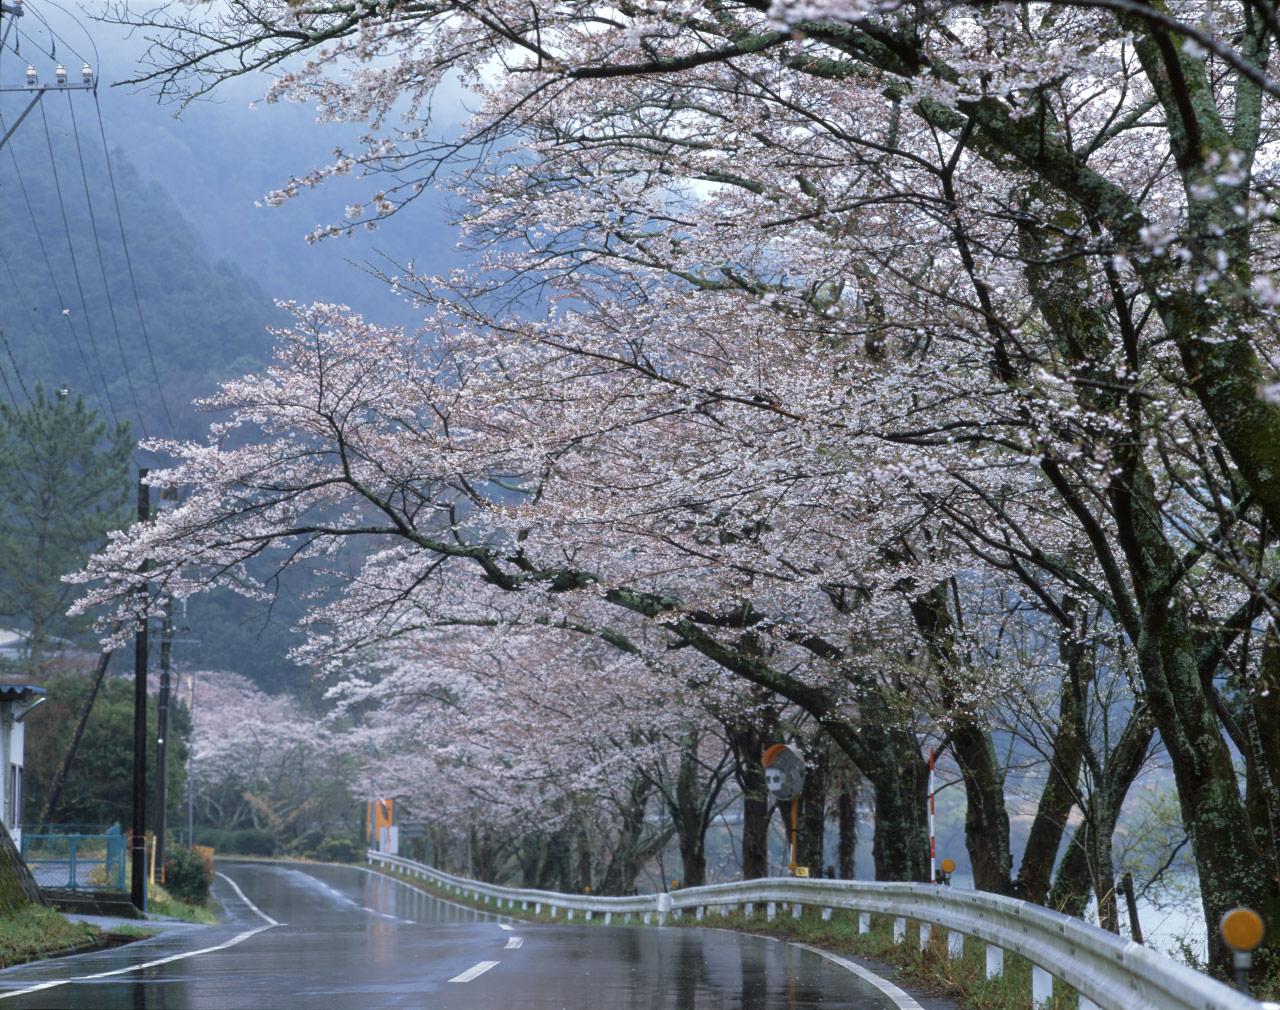 hama-take の blog        nikkitake.exblog.jp